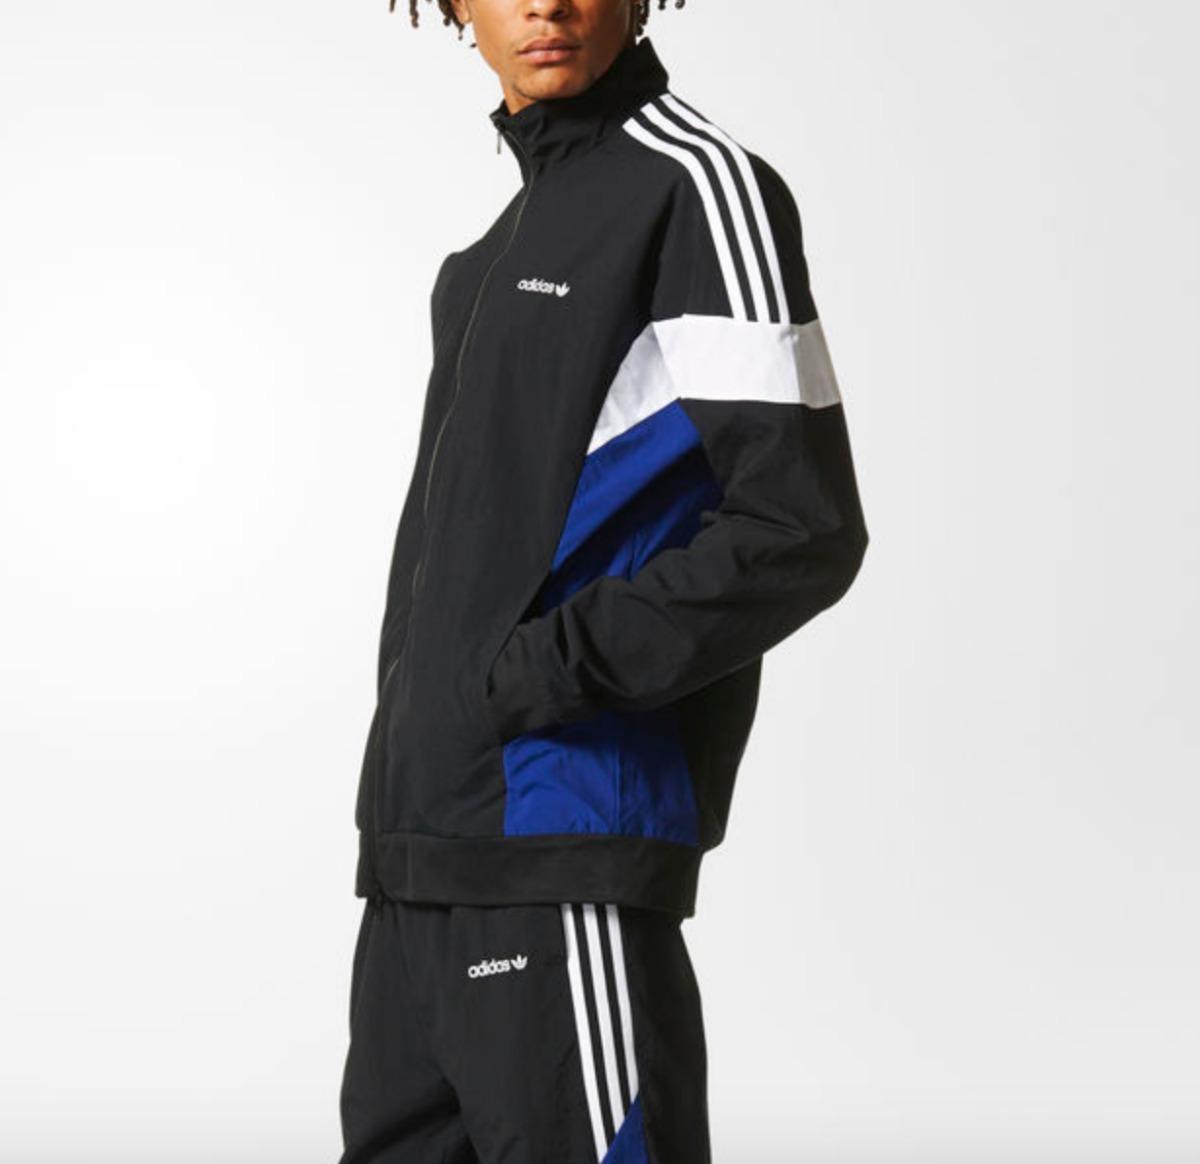 8a267e1e35b jaqueta adidas originals pete challenger tracktop preta. Carregando zoom.